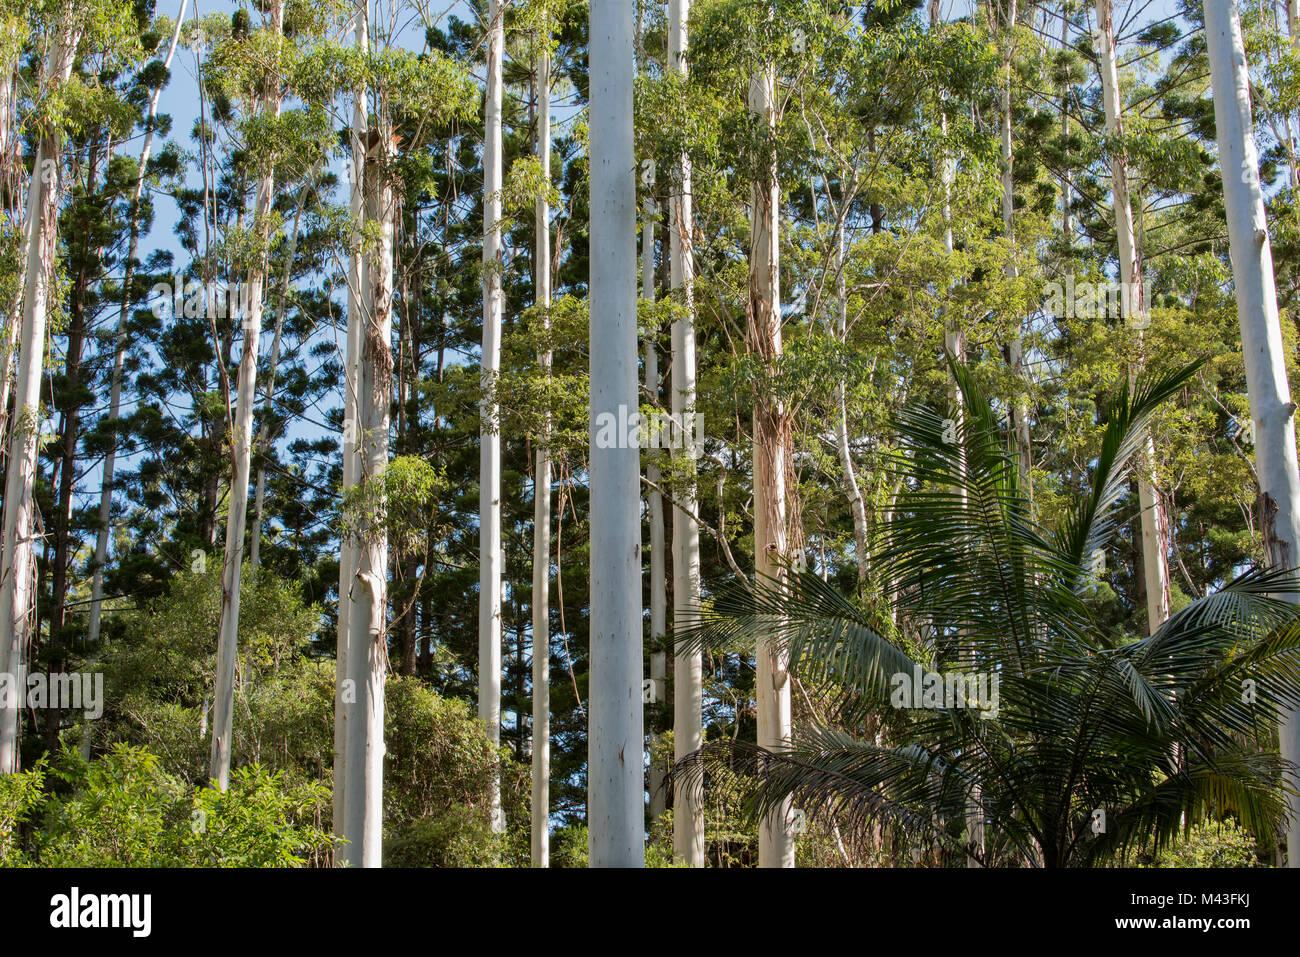 Australian Eucalyptus Tree Stock Photos & Australian